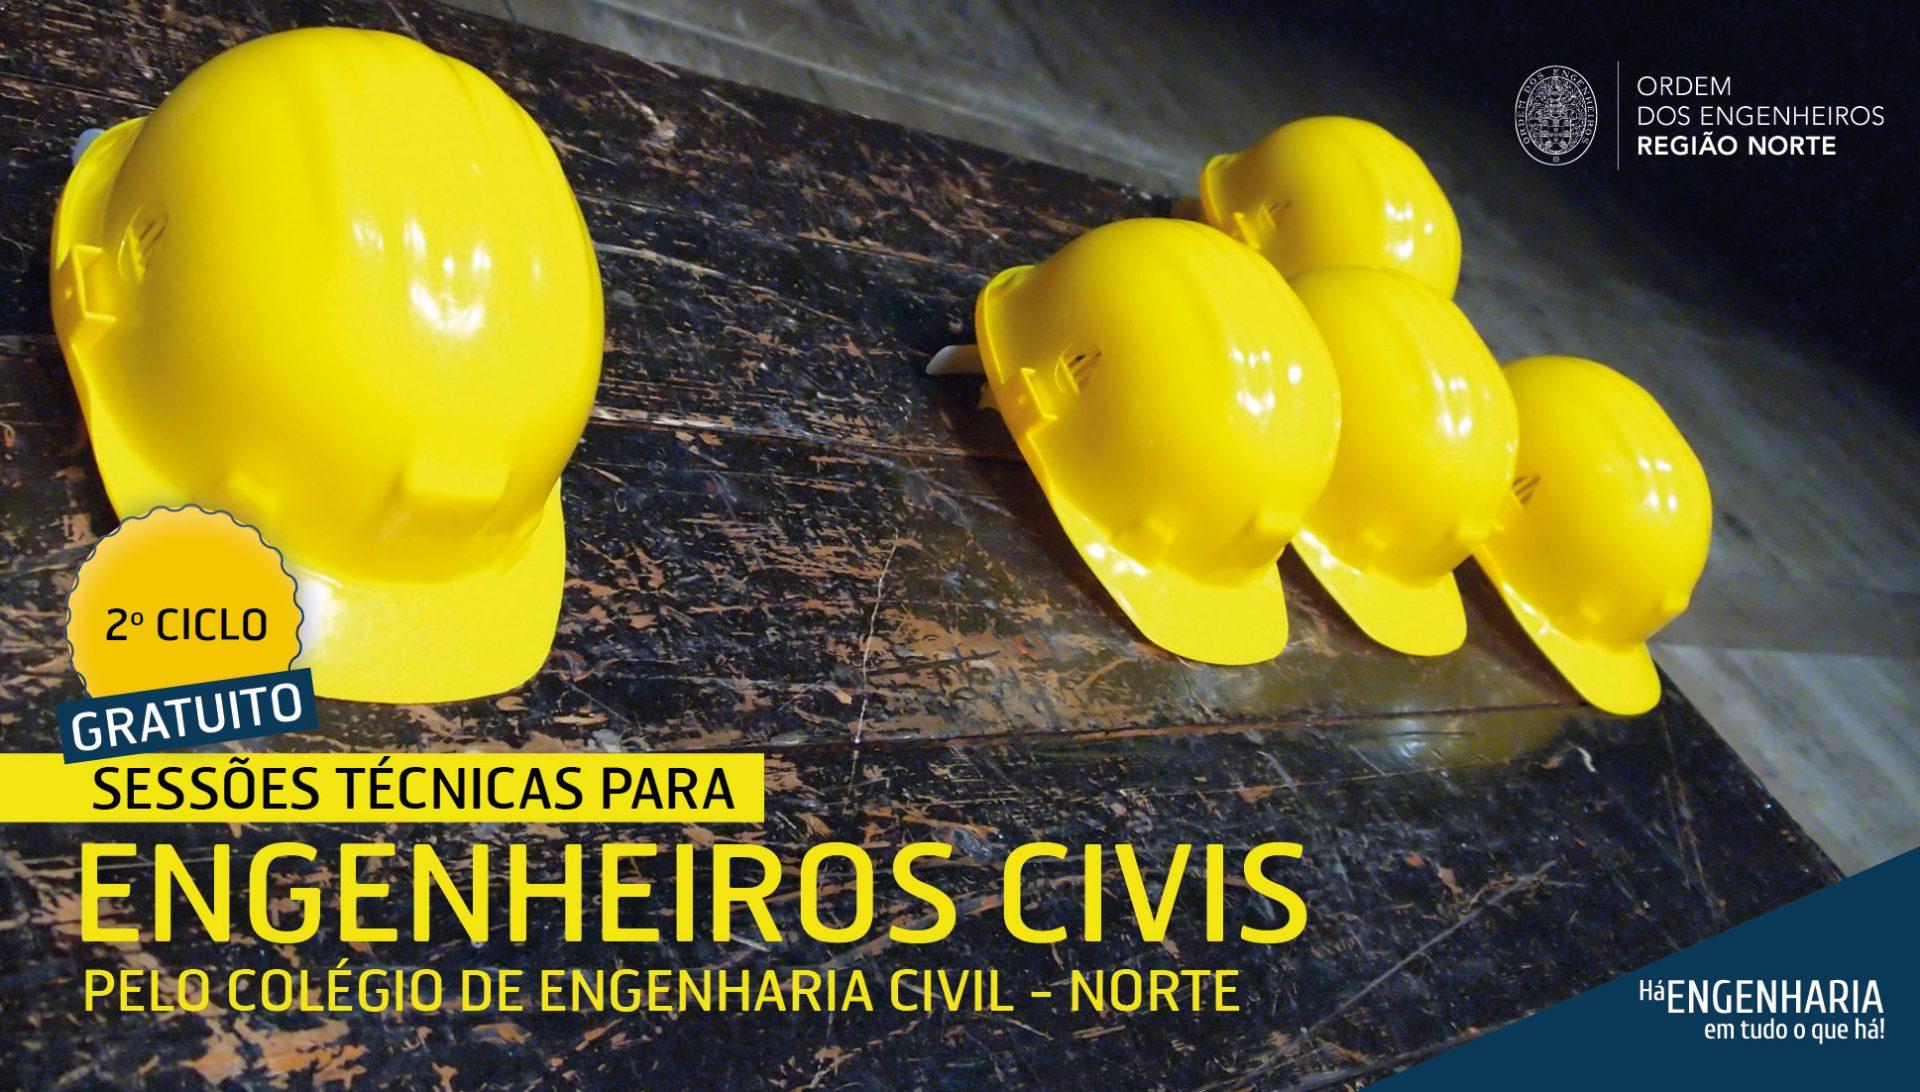 Plataforma Notícias Ordem Engenheiros Região Norte - 2º Ciclo – Sessões Técnicas para Engenheiros Civis